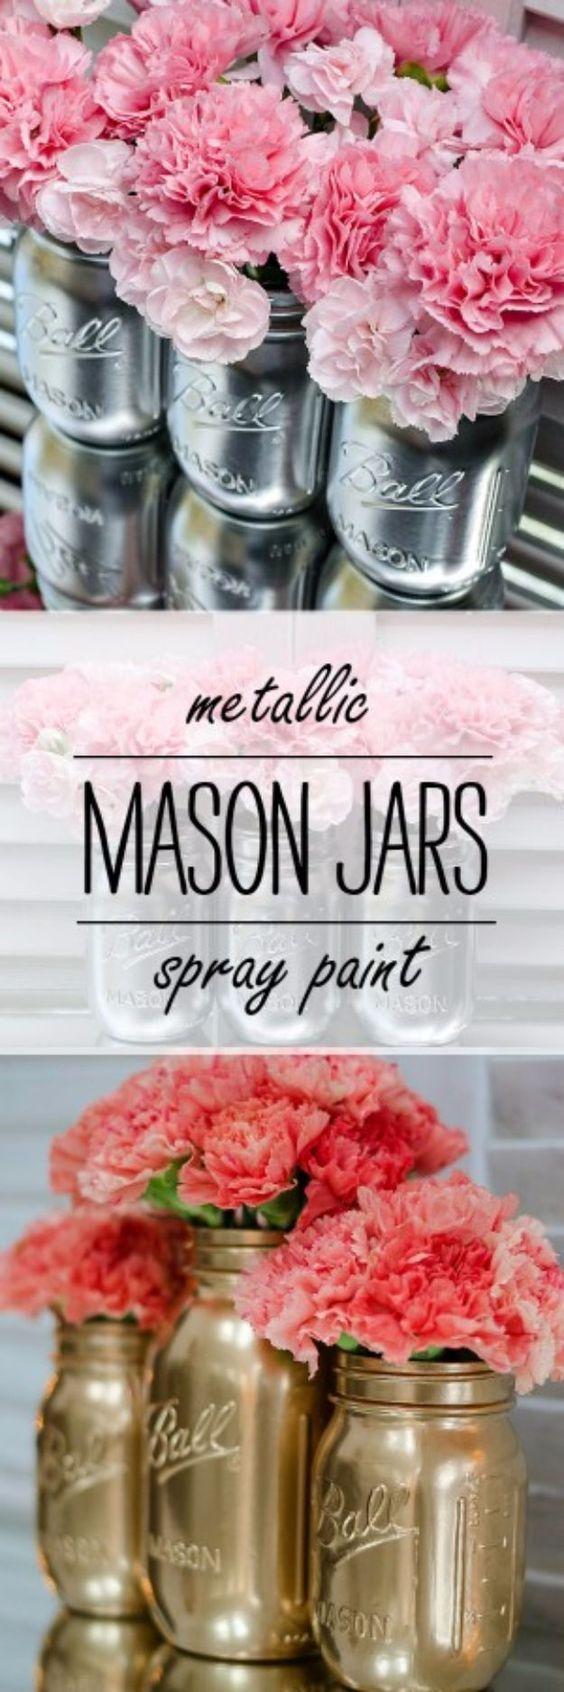 50 Cute Diy Mason Jar Crafts So Pretty For A 30th Birthday Party